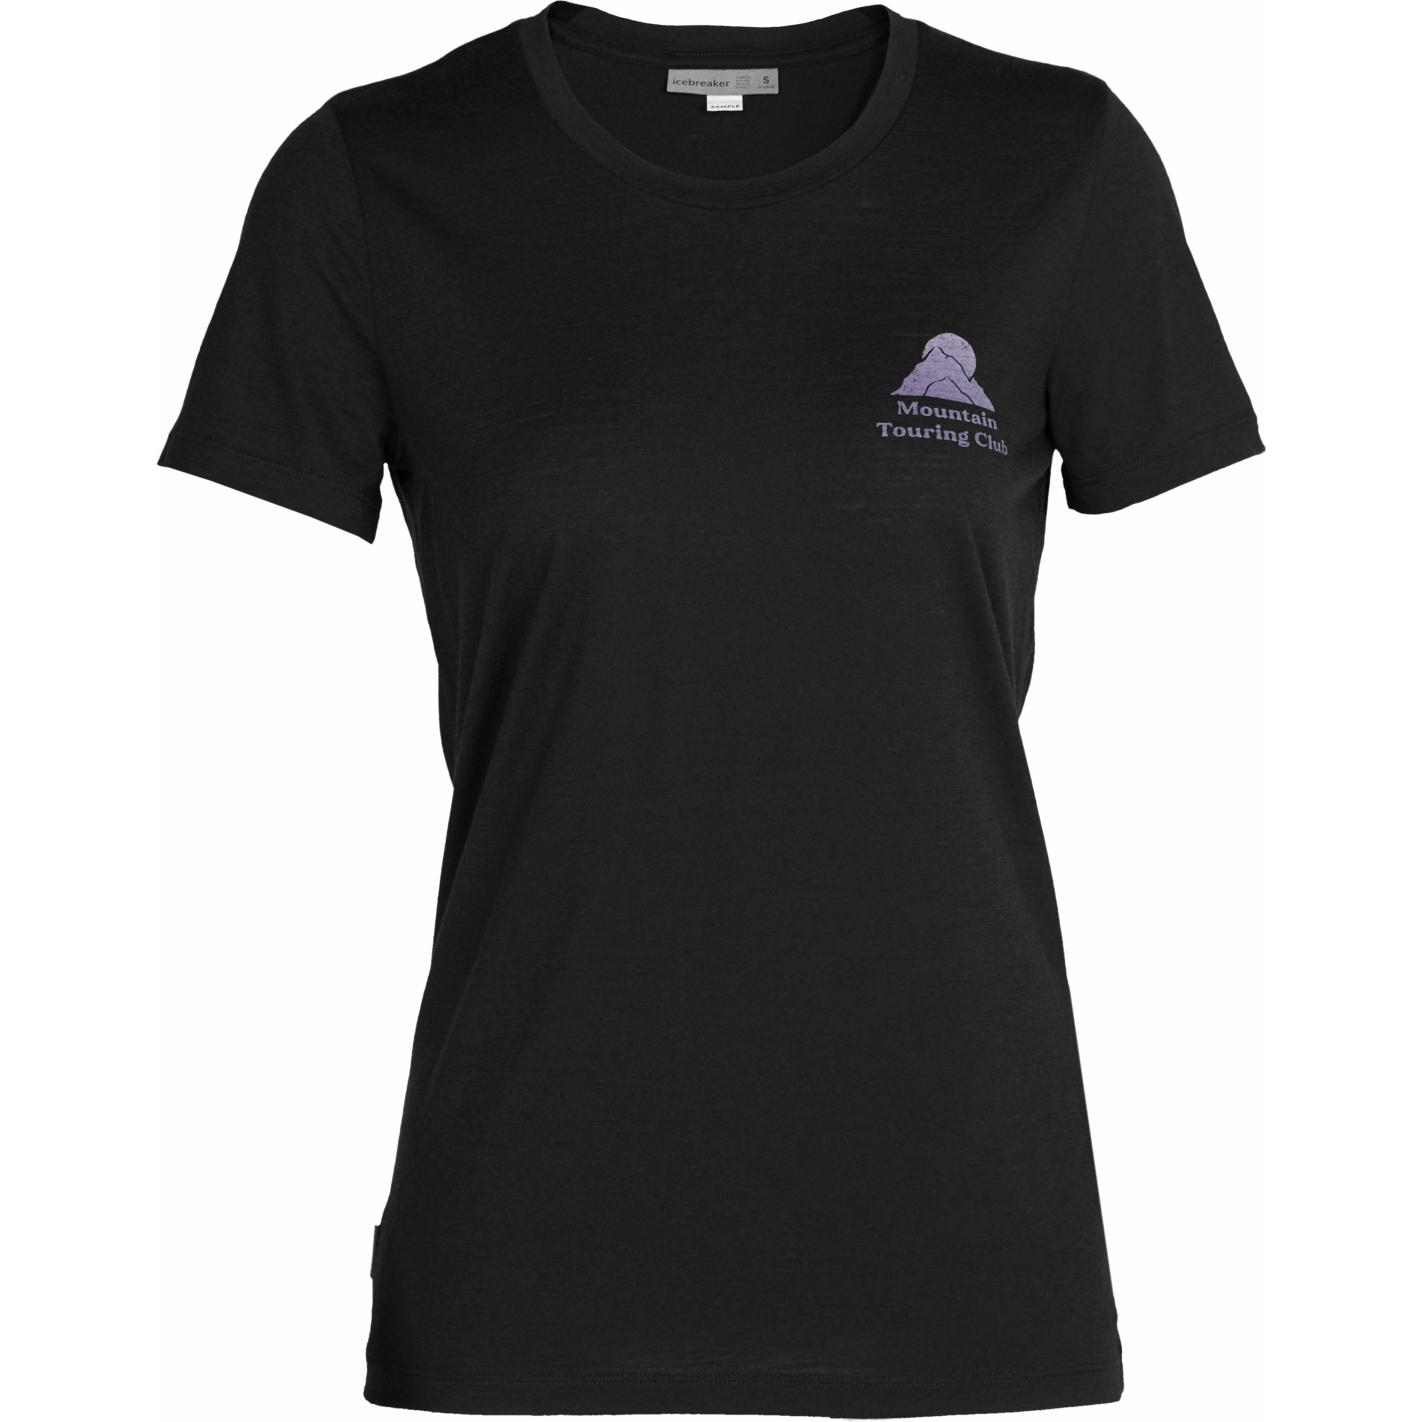 Produktbild von Icebreaker Tech Lite II Touring Club Damen T-Shirt - Black